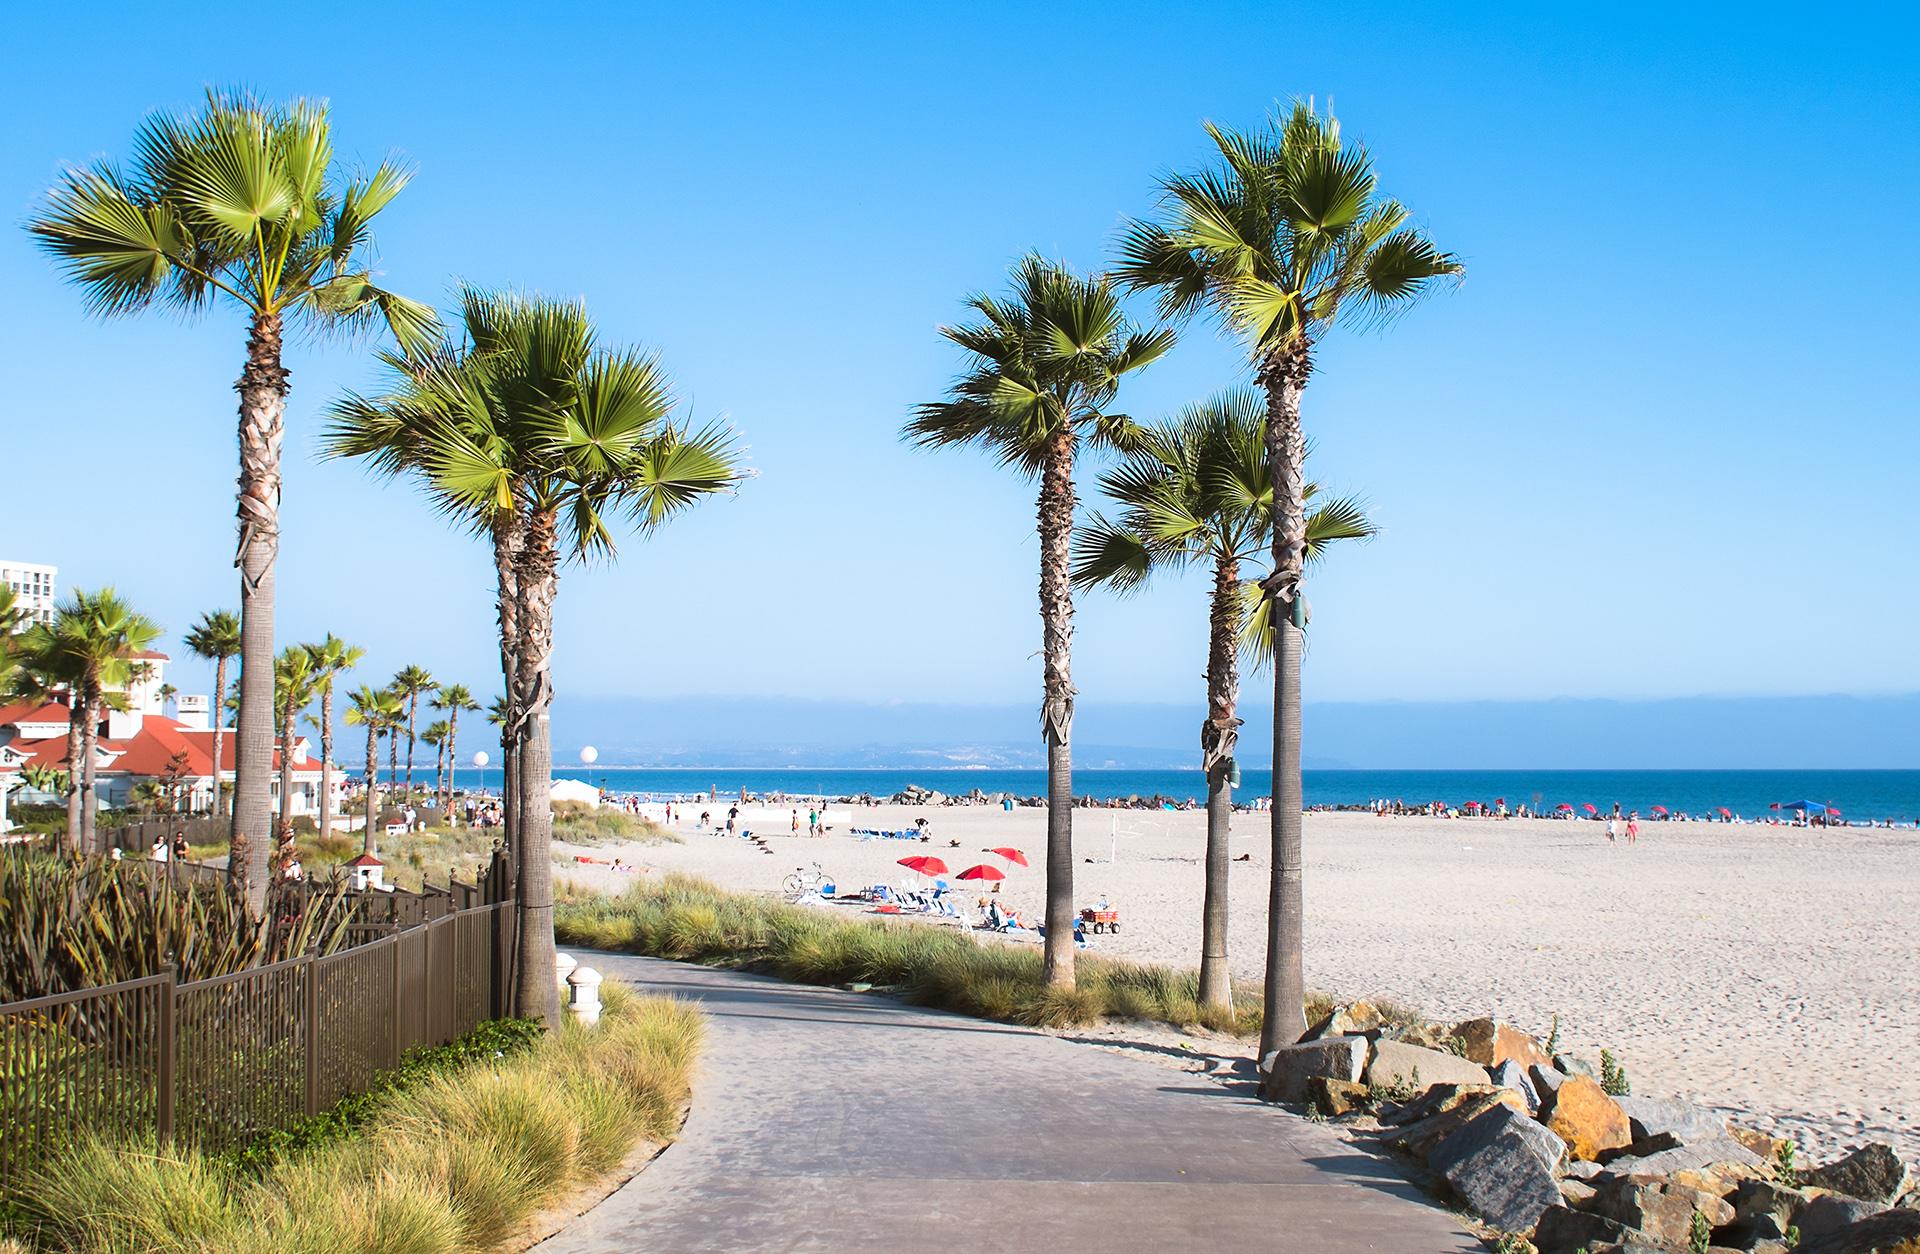 Posee hermosas playas, parques vírgenes y un clima perfecto para disfrutar para visitarlo en cualquier época del año. Hay varios espacios al aire libre y es uno de los destinos ideales para andar en bicicleta incluso para caminar